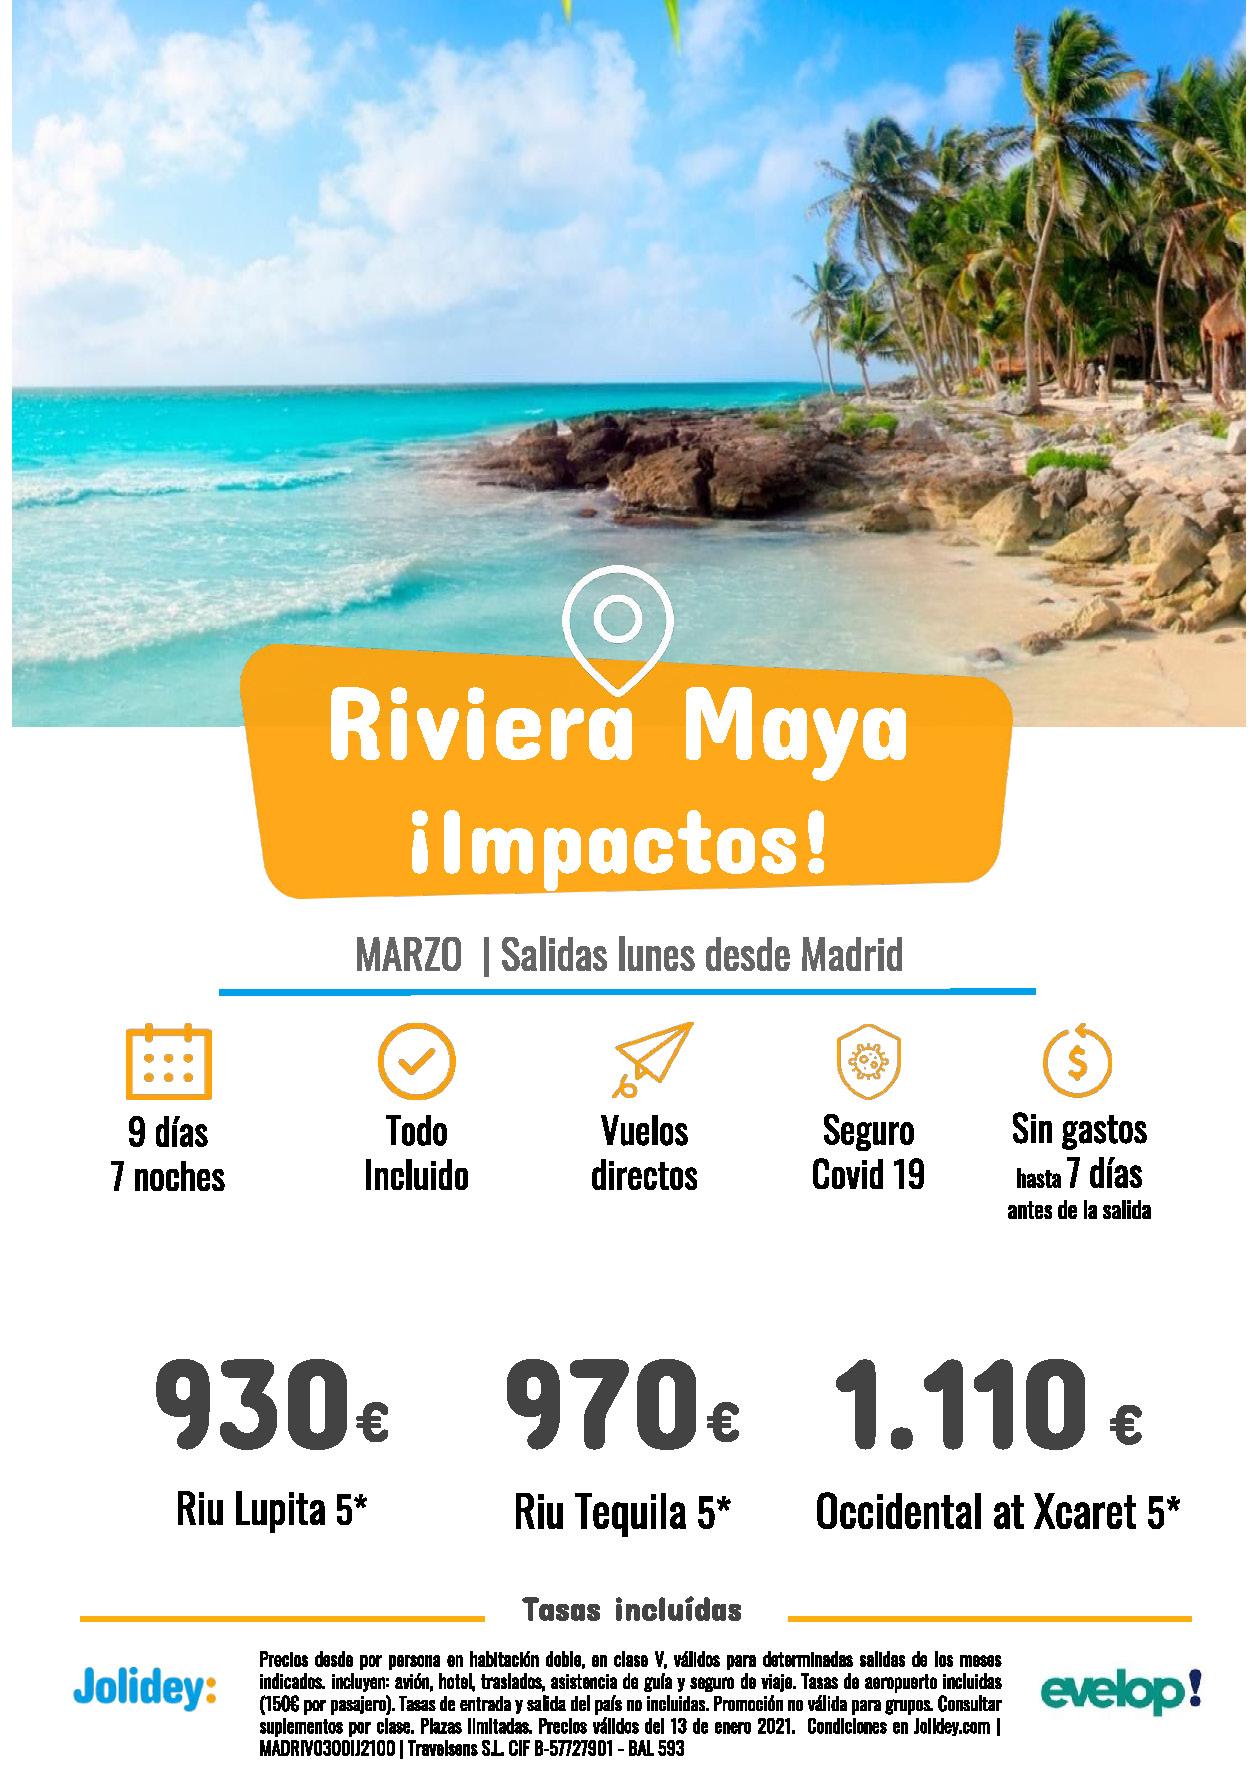 Ofertas Jolidey Riviera Maya Marzo 2021 Riu Occidental vuelo directo desde Madrid